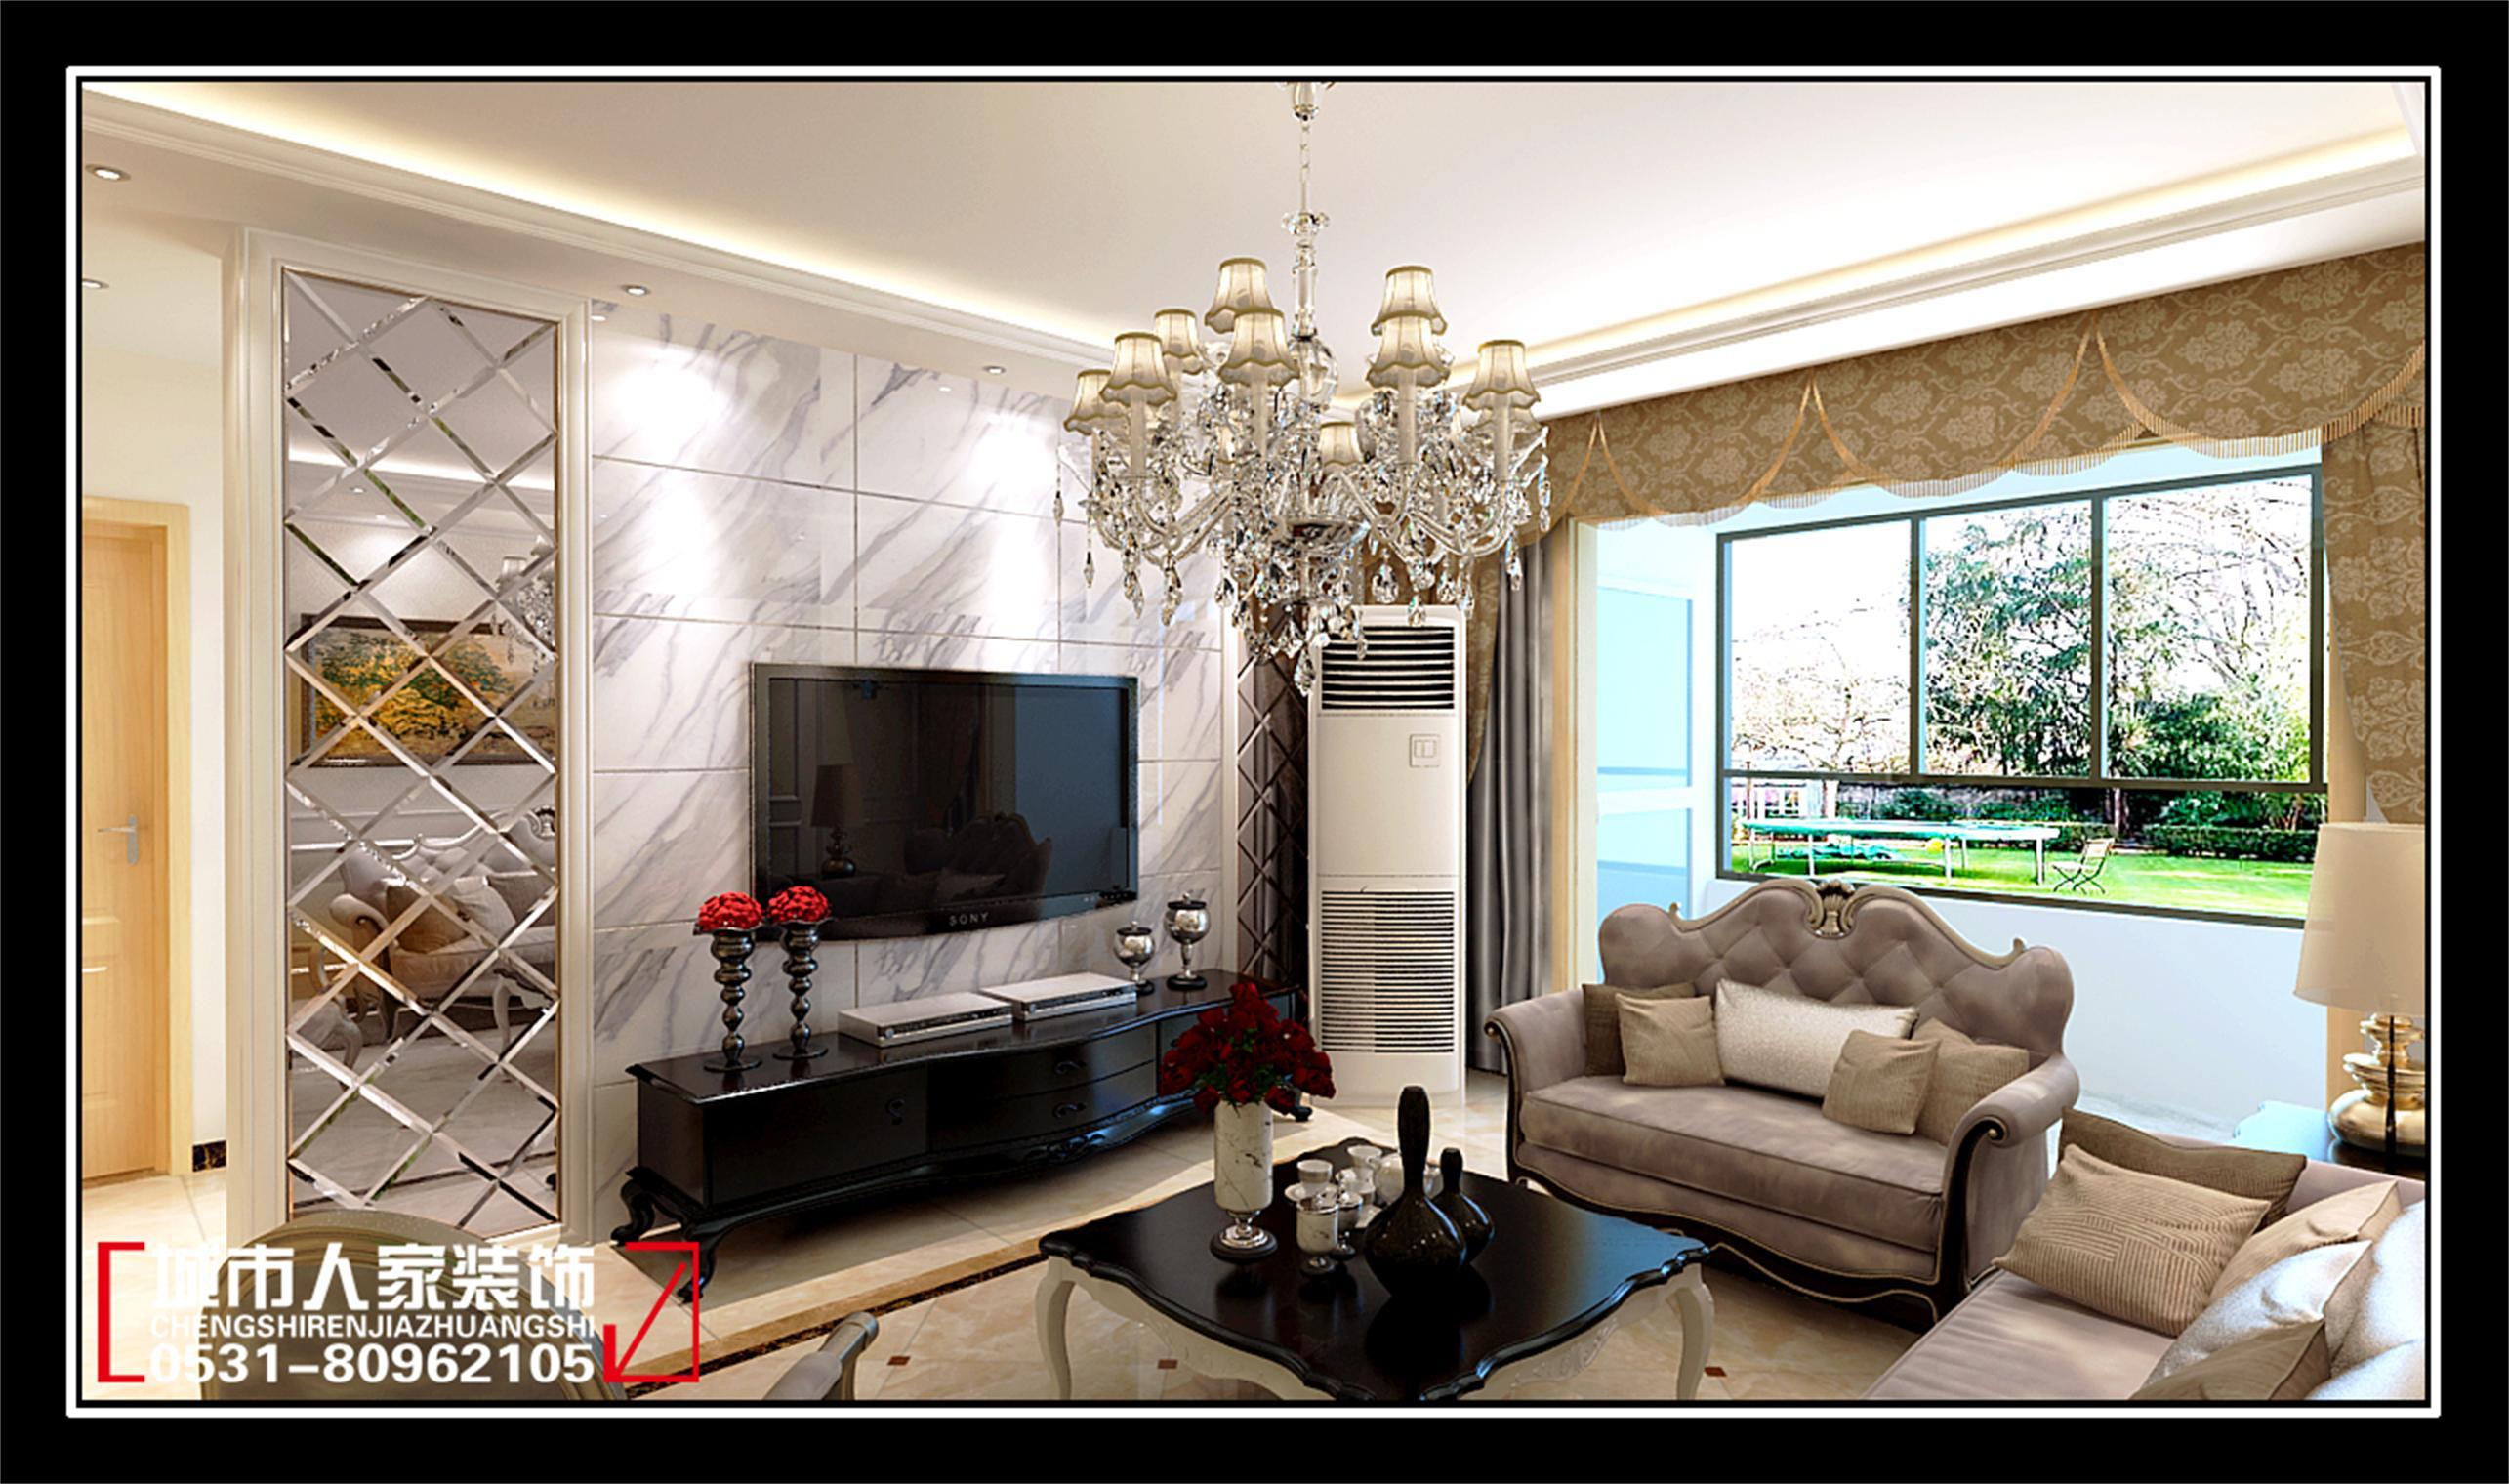 客厅影视墙时尚而独特的造型,欧式的家居配饰,在设计上追求空间变化